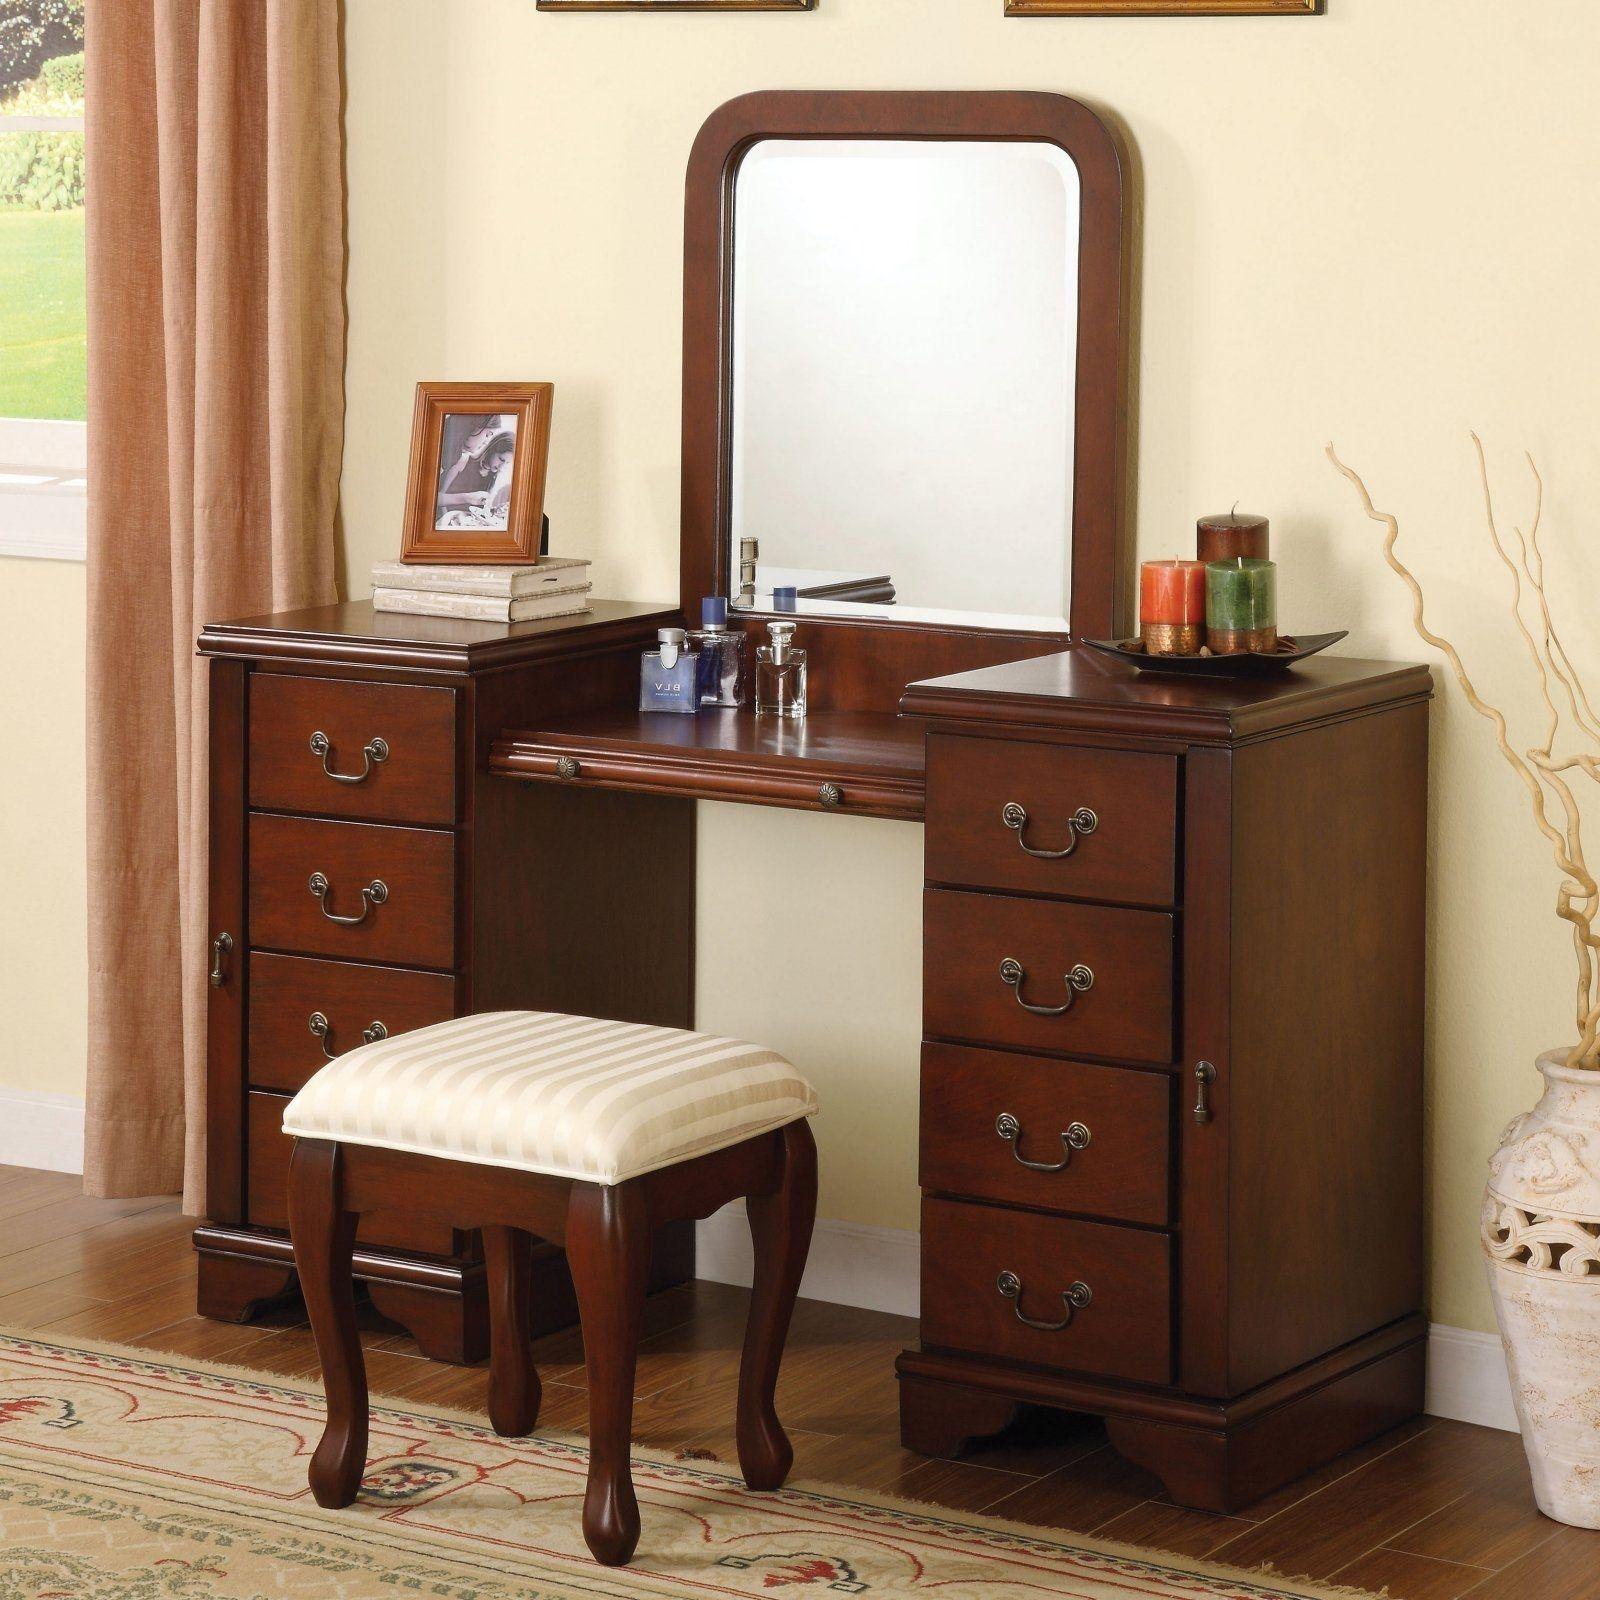 25 Diy Vanity Mirror Ideas With Lights Diy Vanity Mirror Dressing Table With Mirror And Lights Diy Vanity